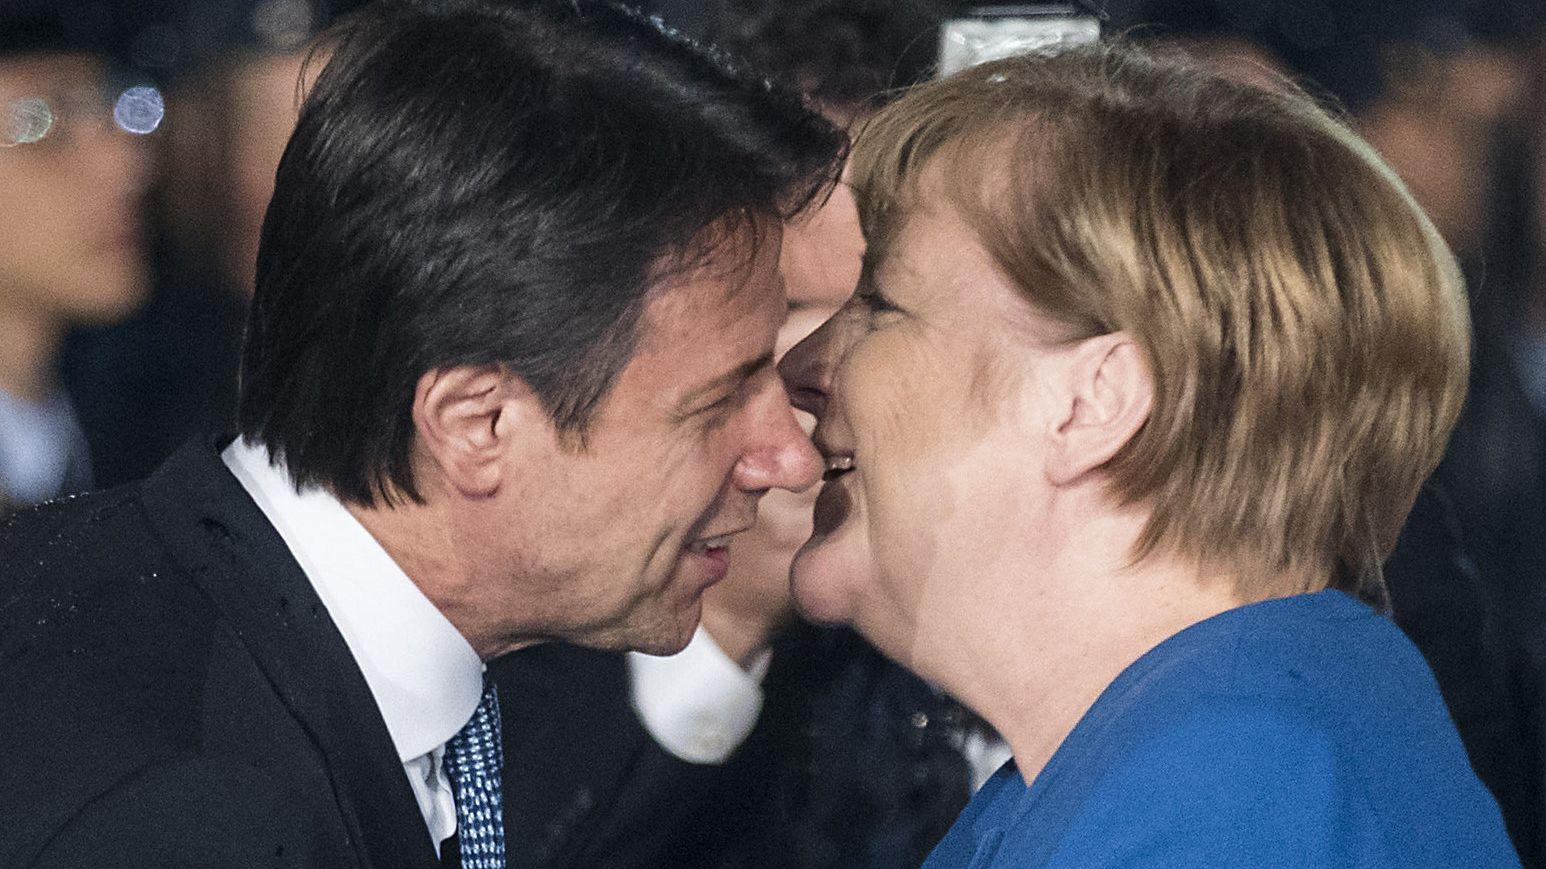 Bundeskanzlerin Angela Merkel (r) wird von Giuseppe Conte, Ministerpräsident von Italien, begrüßt.